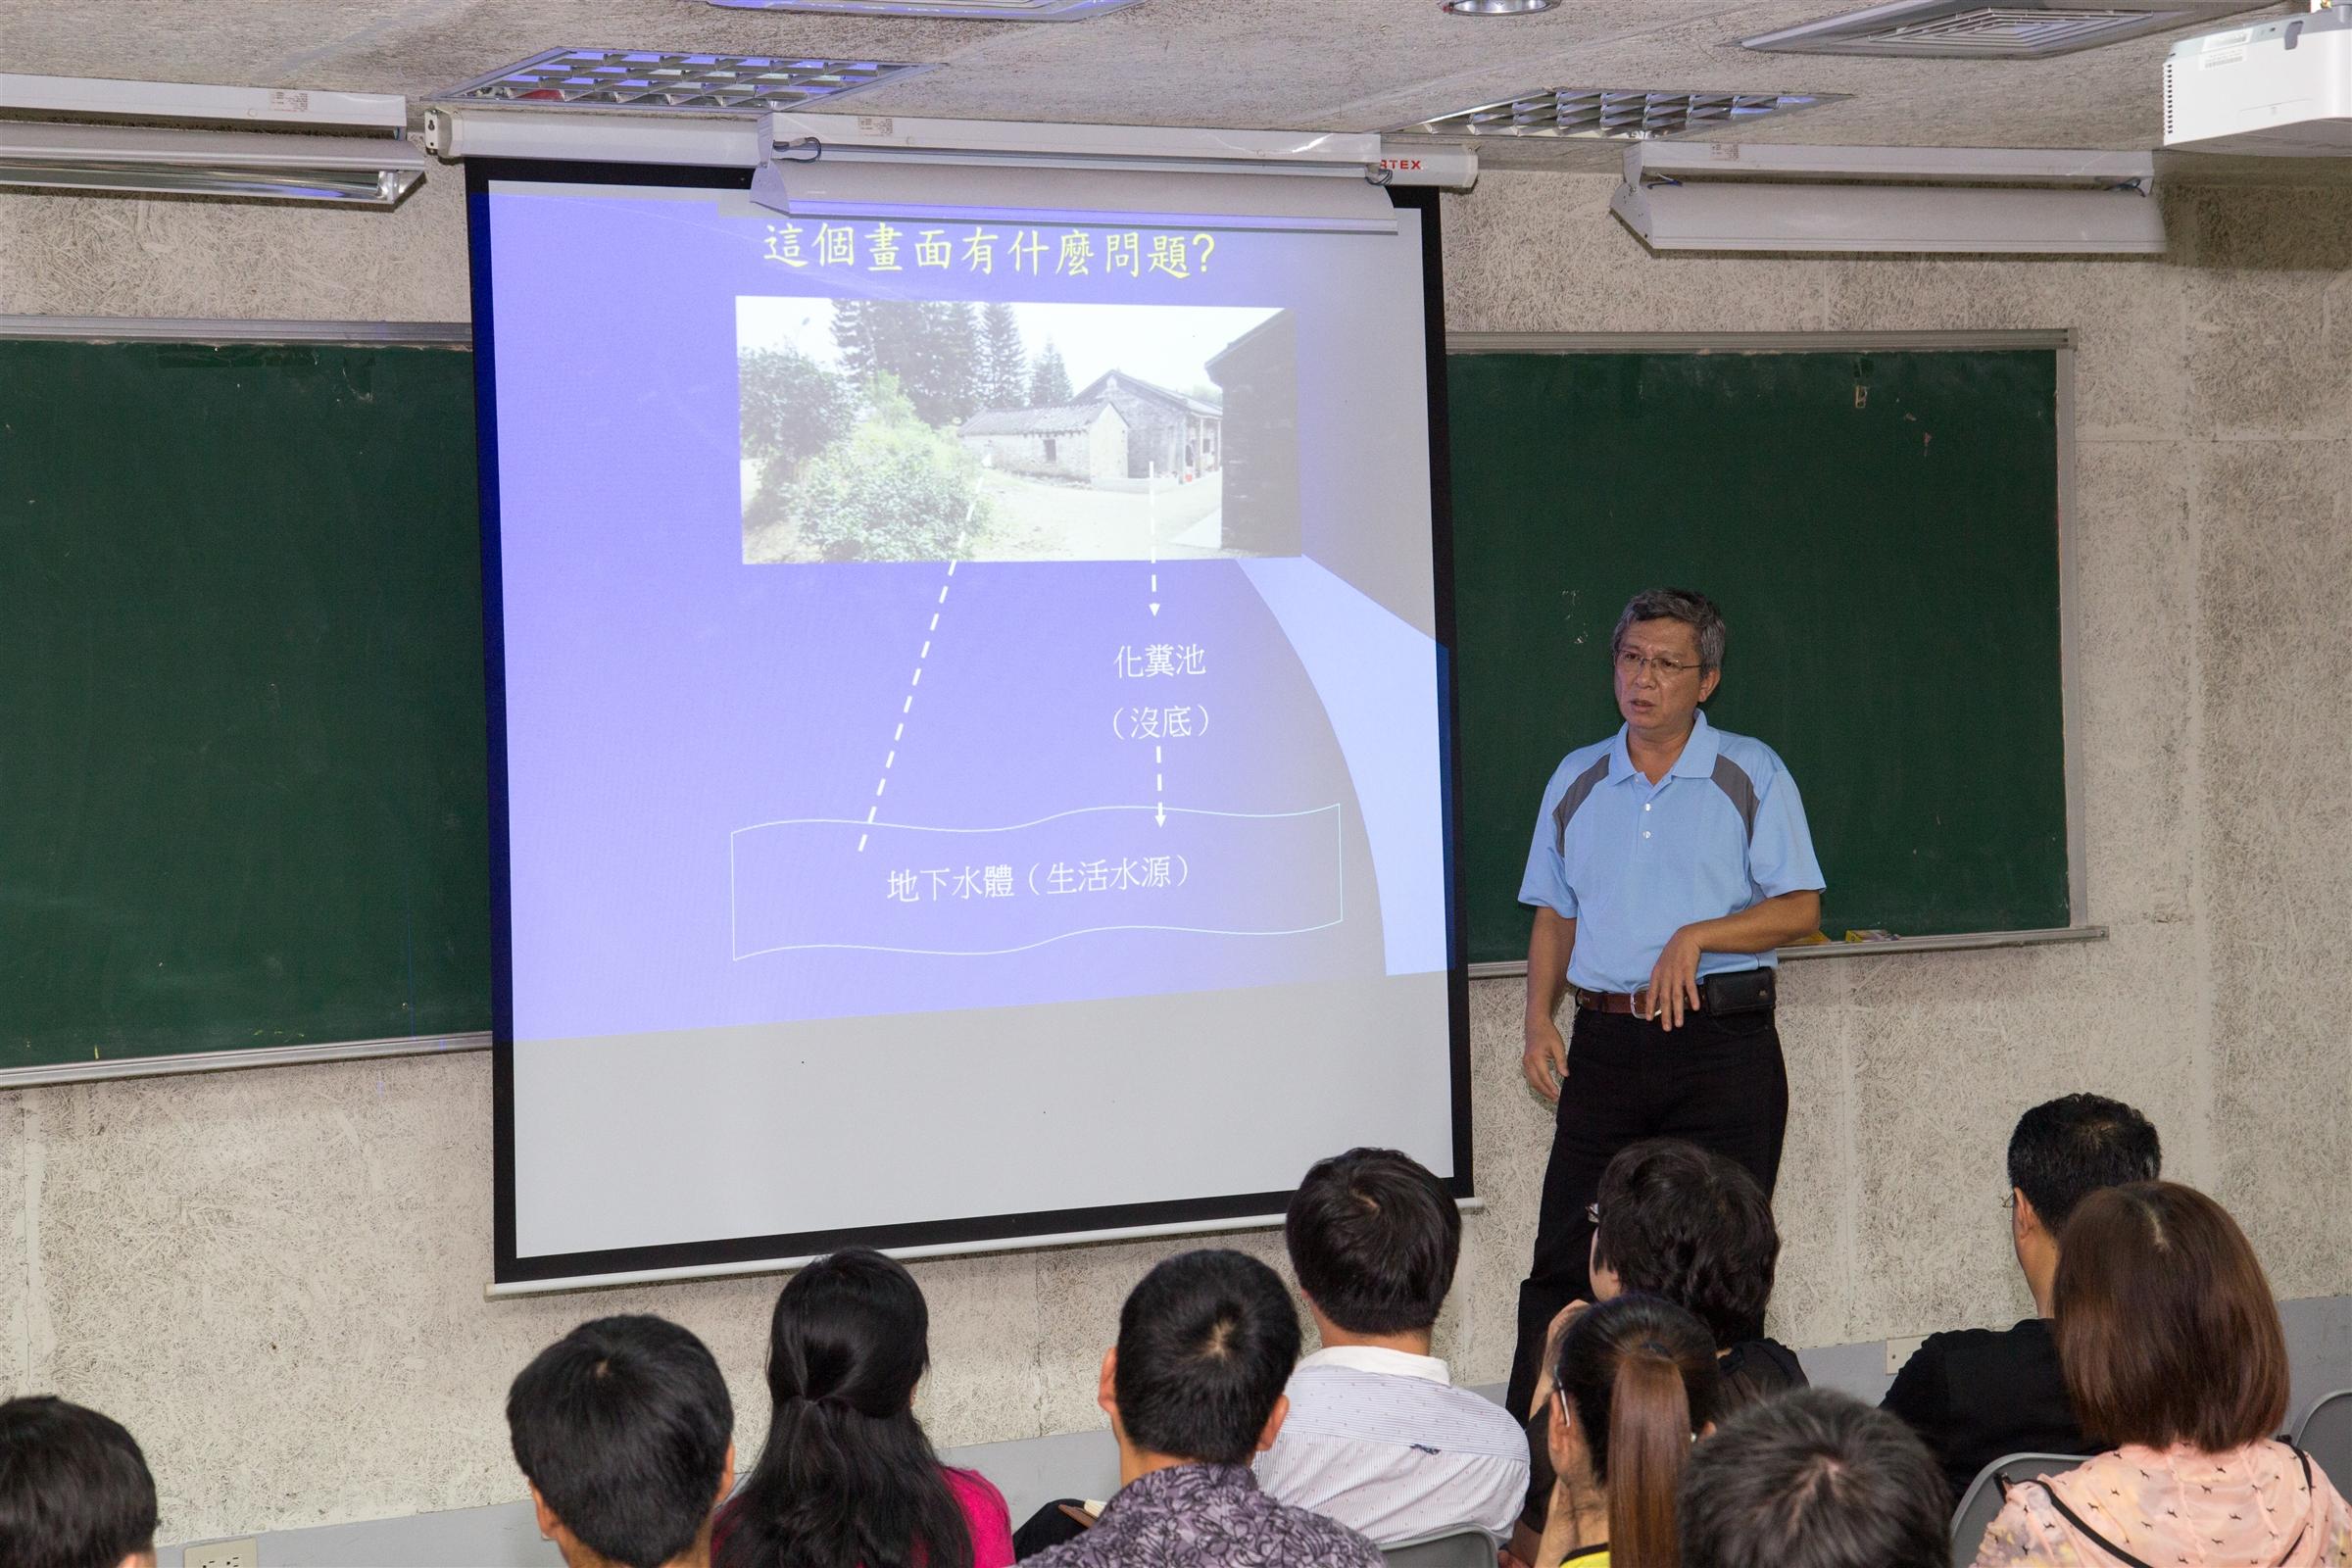 生態中心荊樹人主任向與會來賓介紹生態處理技術